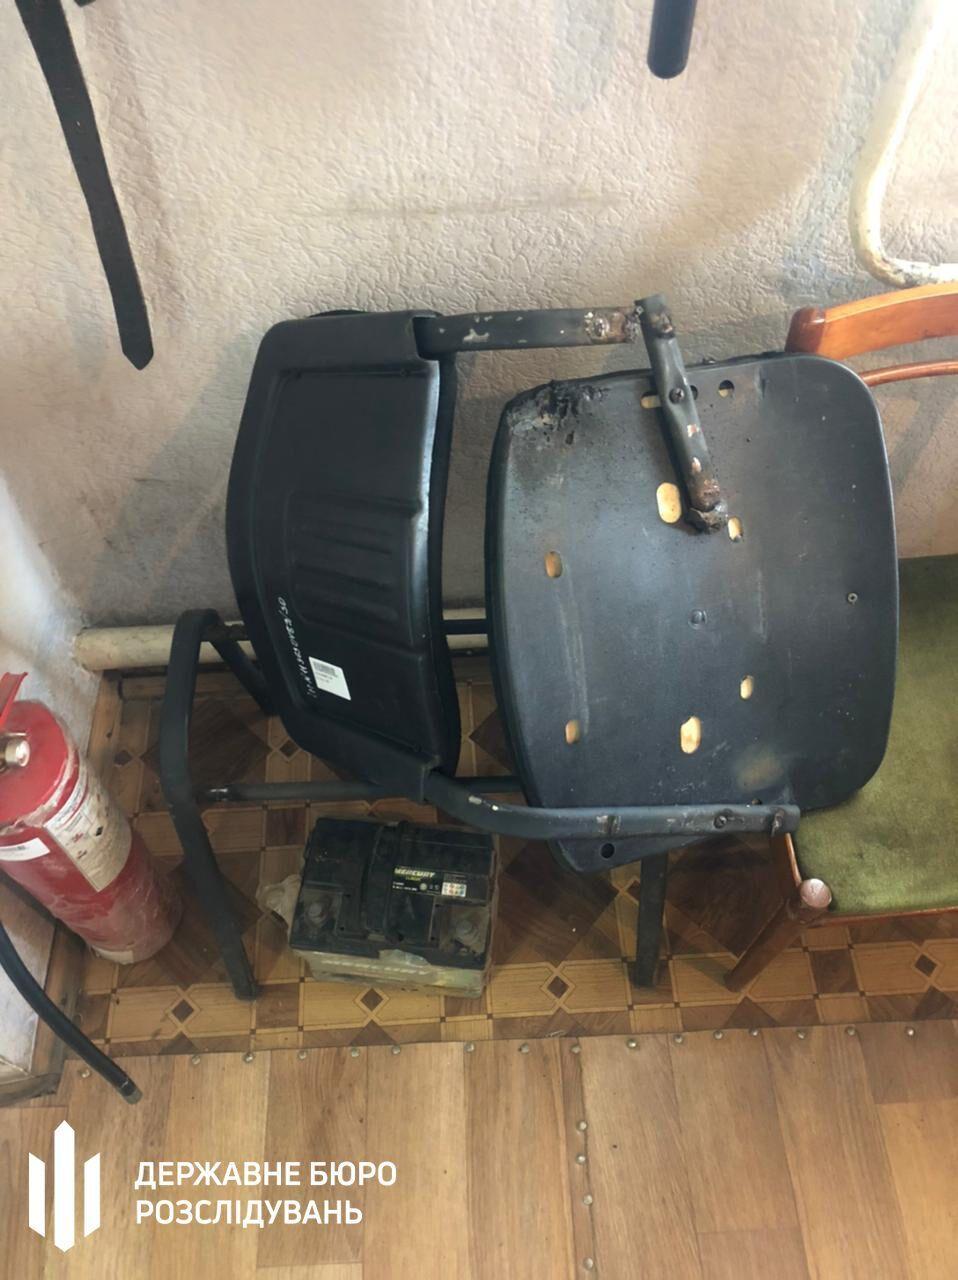 Об чоловіка зламали металевий стілець.